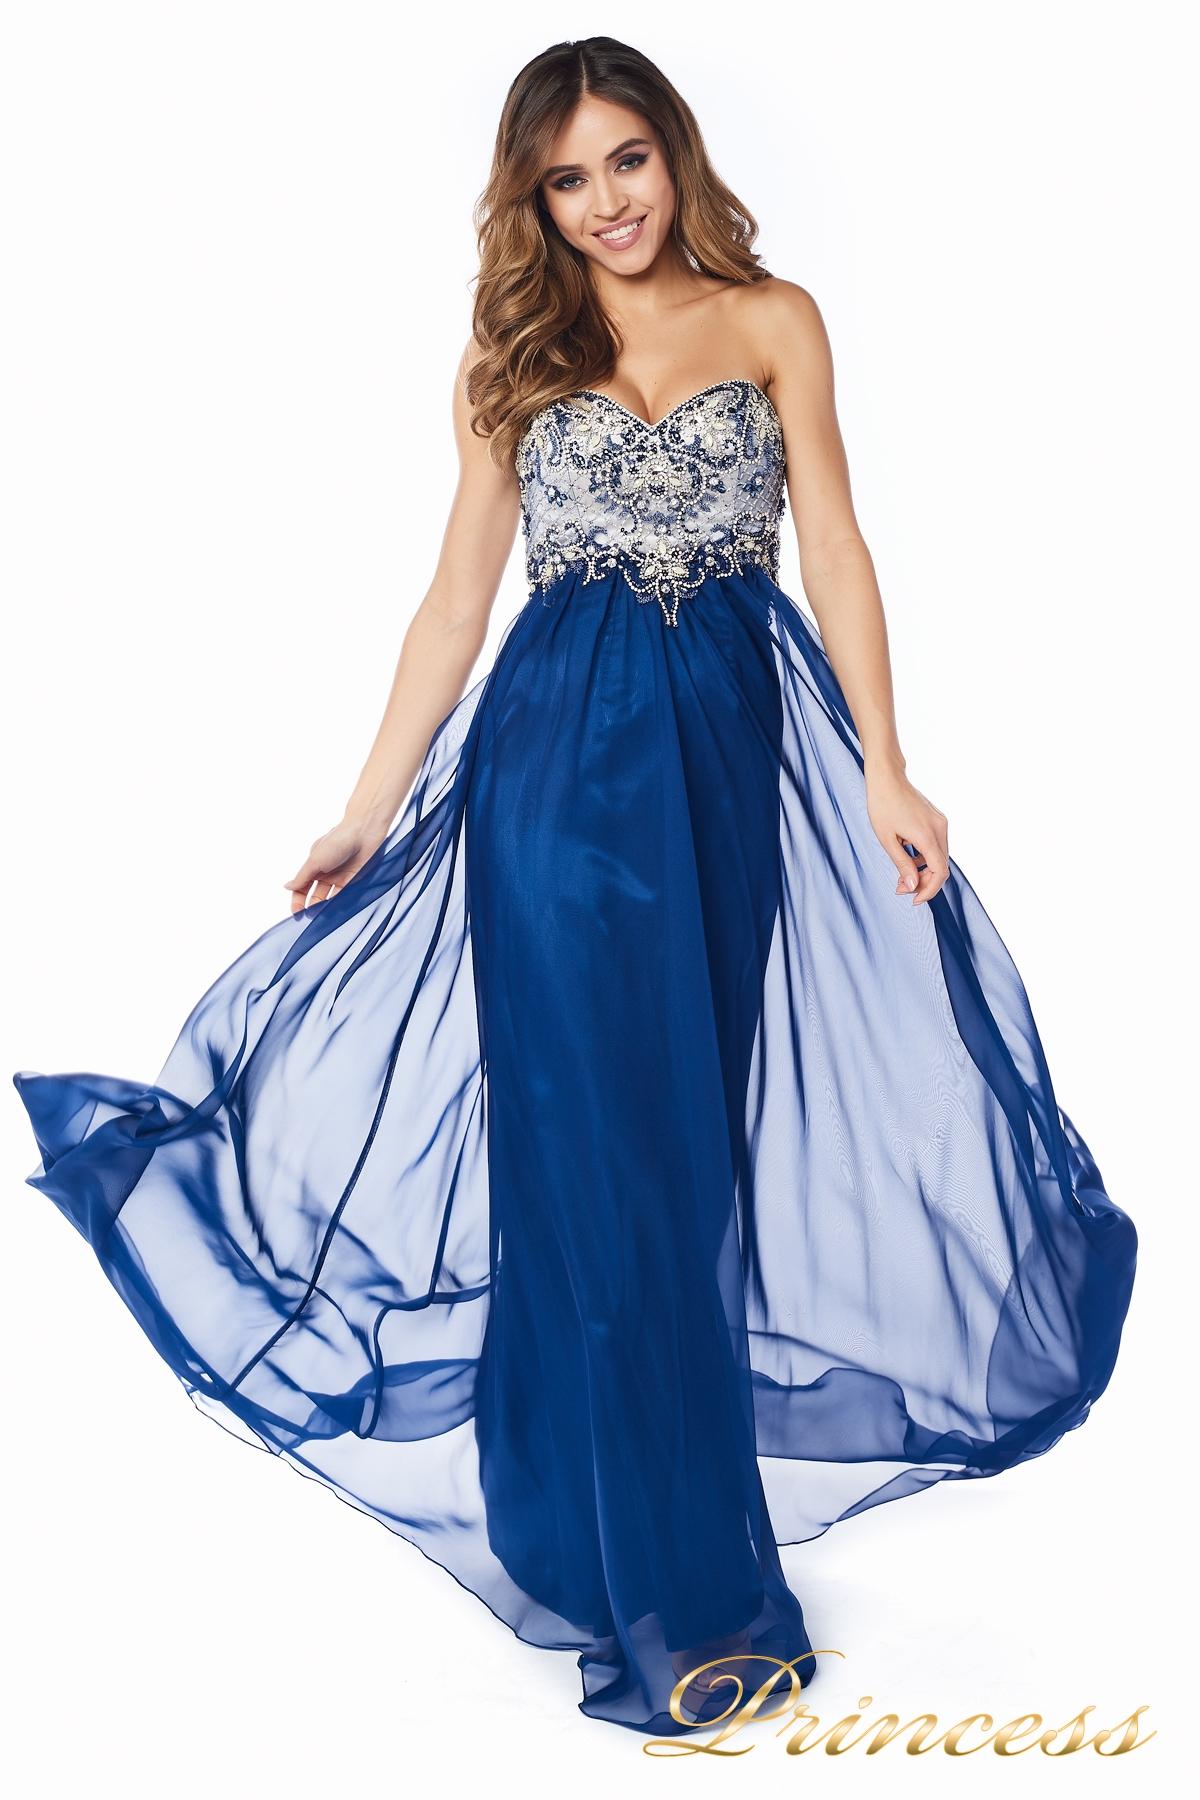 c315b9a0cee Купить вечернее платье 12015-5 цвета электрик по цене 22000 руб. в ...